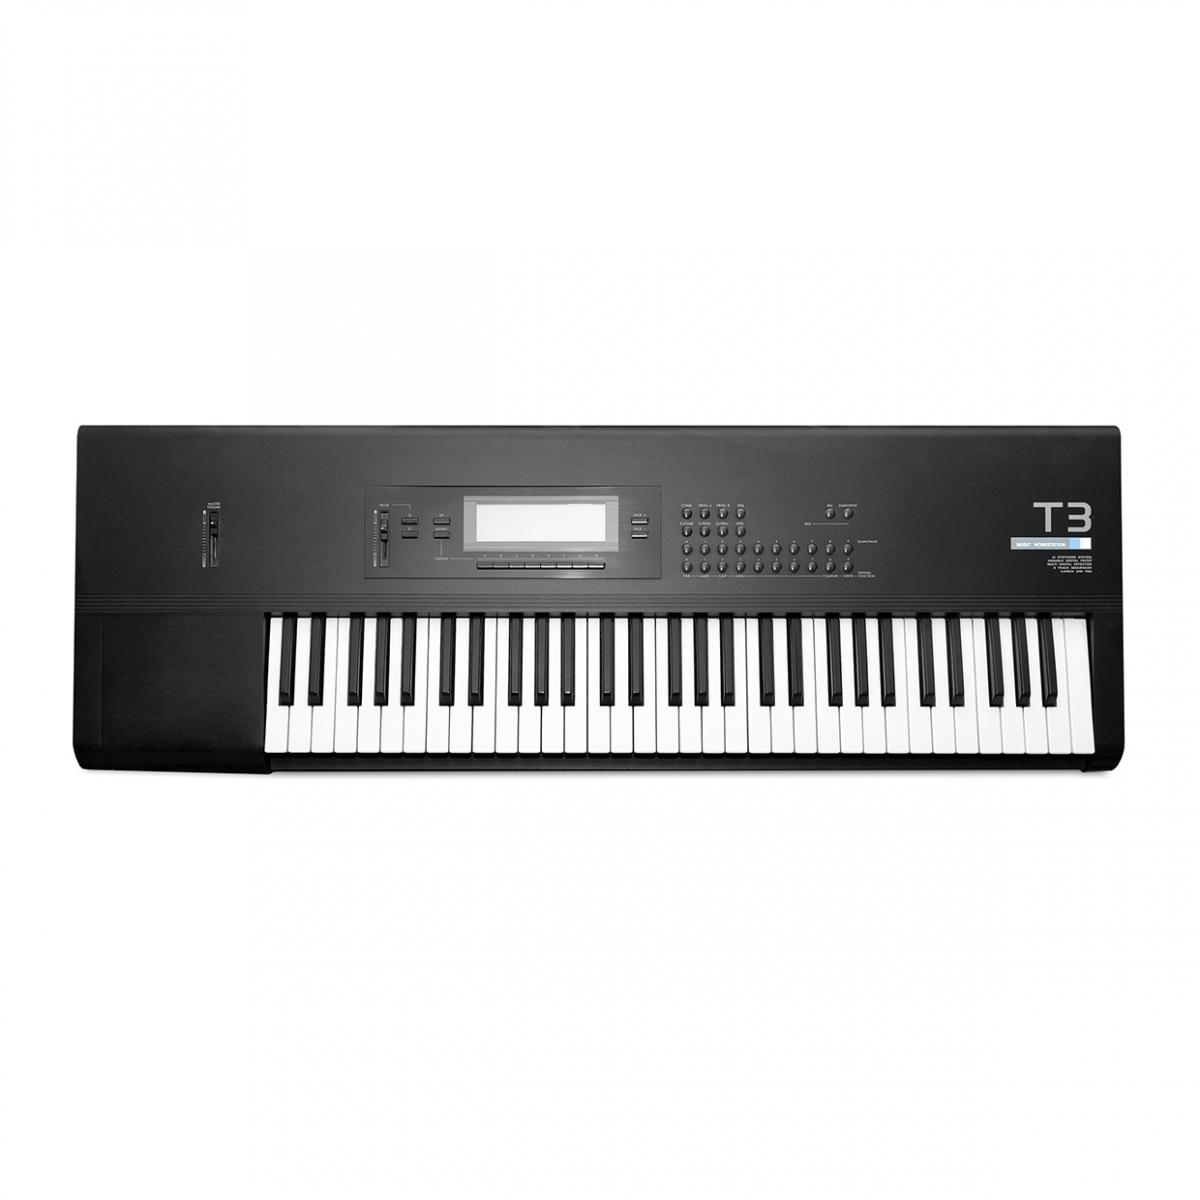 Imagen en la que se ve un teclado electrónico